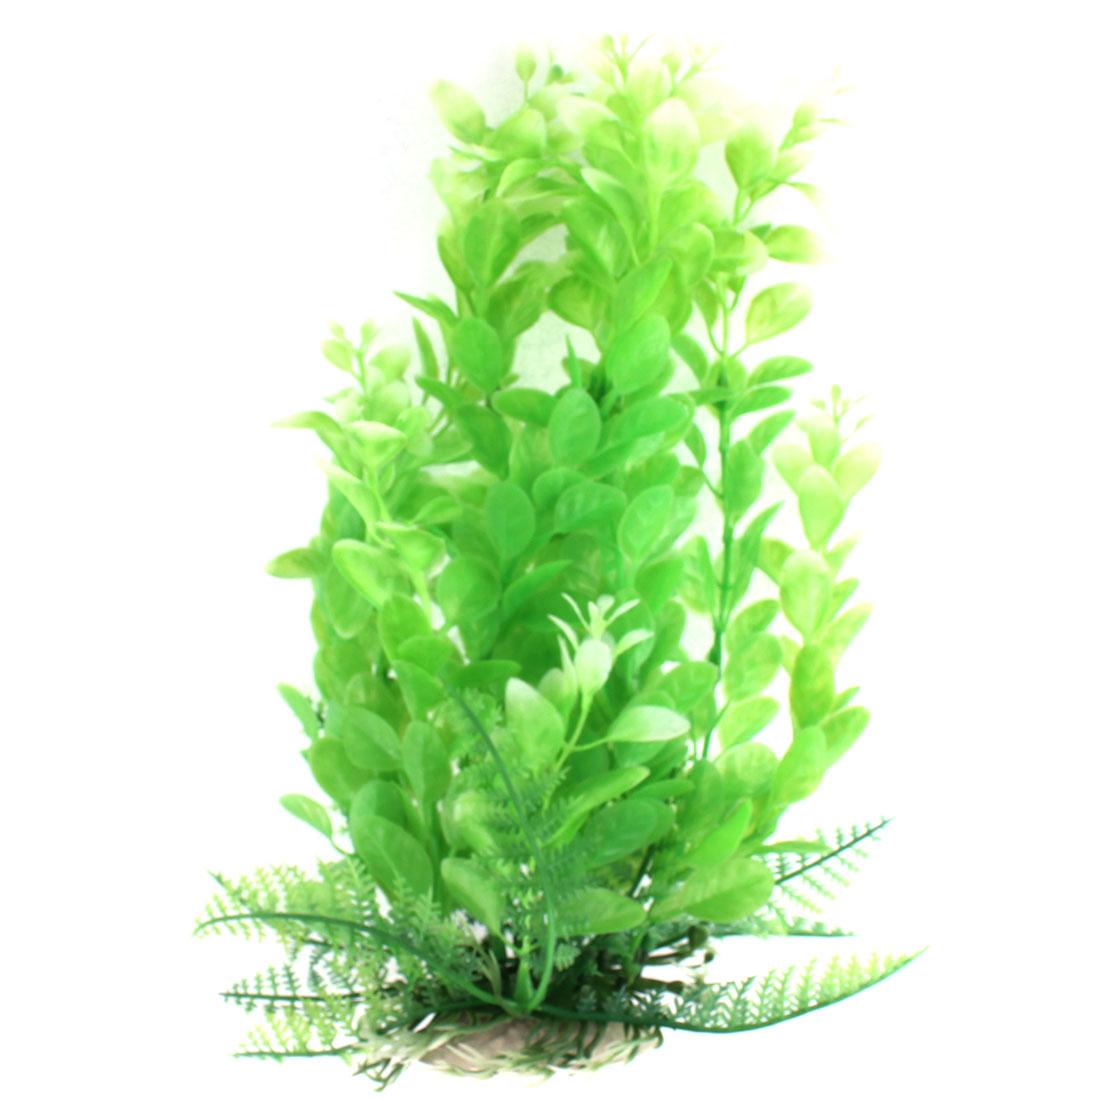 Aquarium Plastic Manmade Water Plant Ornament 23cm Height